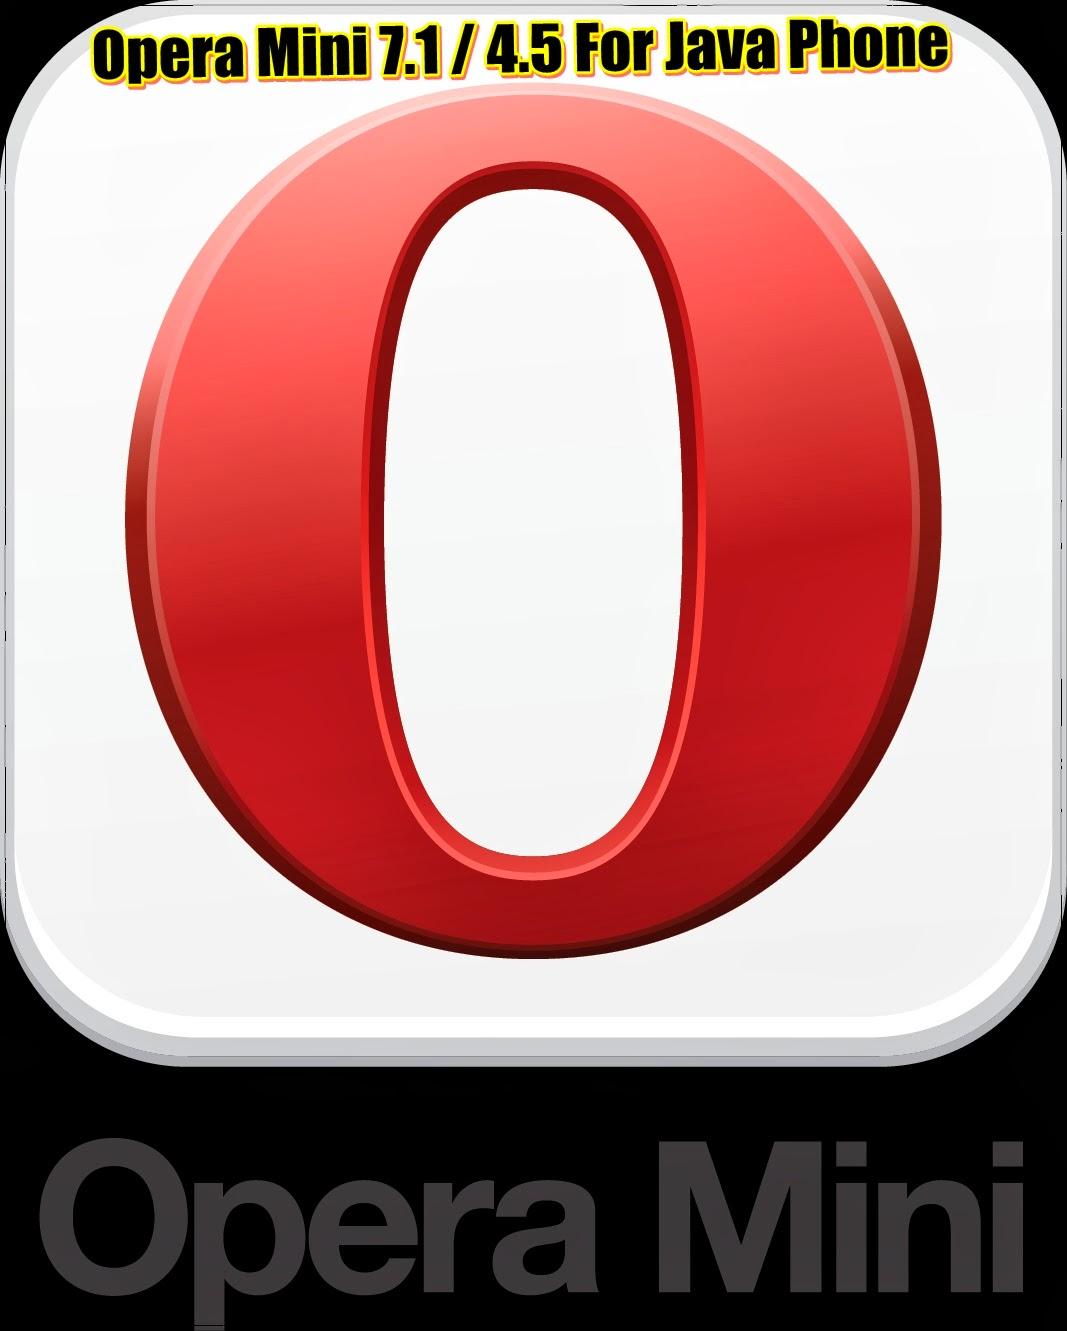 Opera Mini Download For Mobile : opera, download, mobile, Download, Opera, Mobile, Devices, Peatix